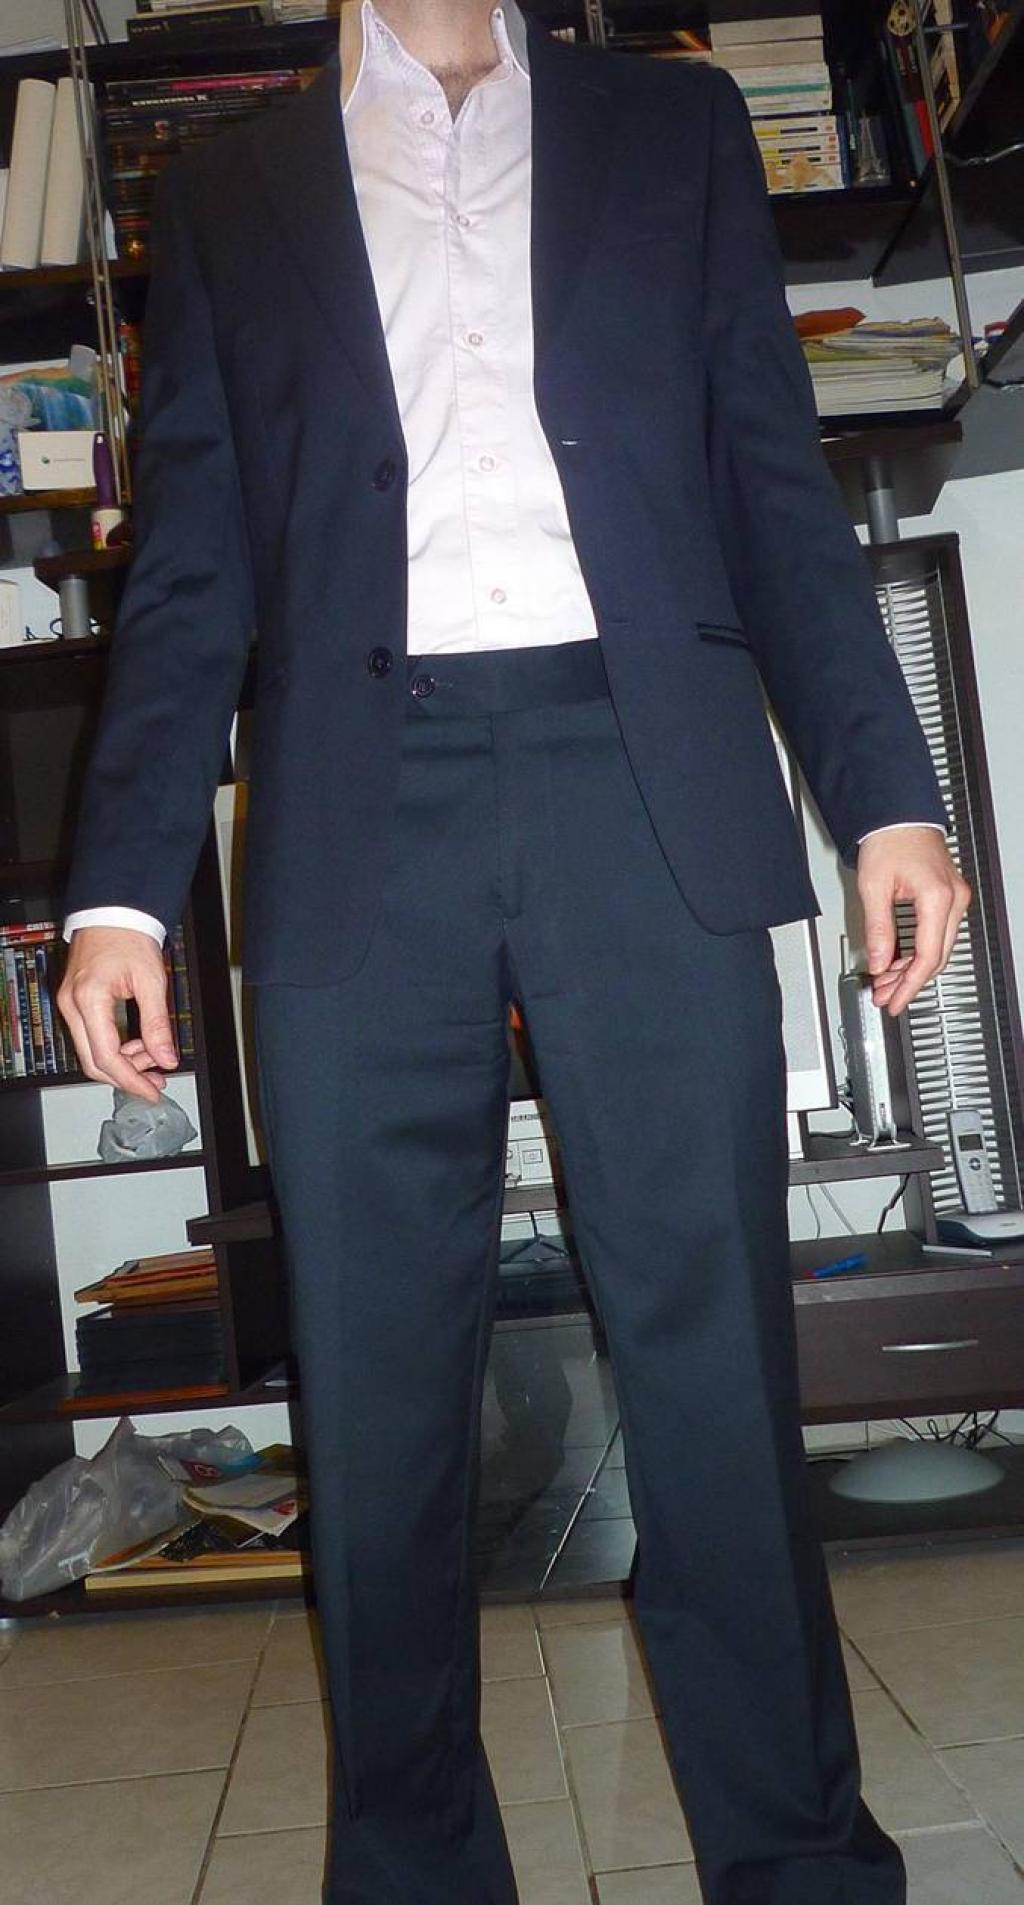 77408cf28b7 Depiedencap    Costume sans ceinture